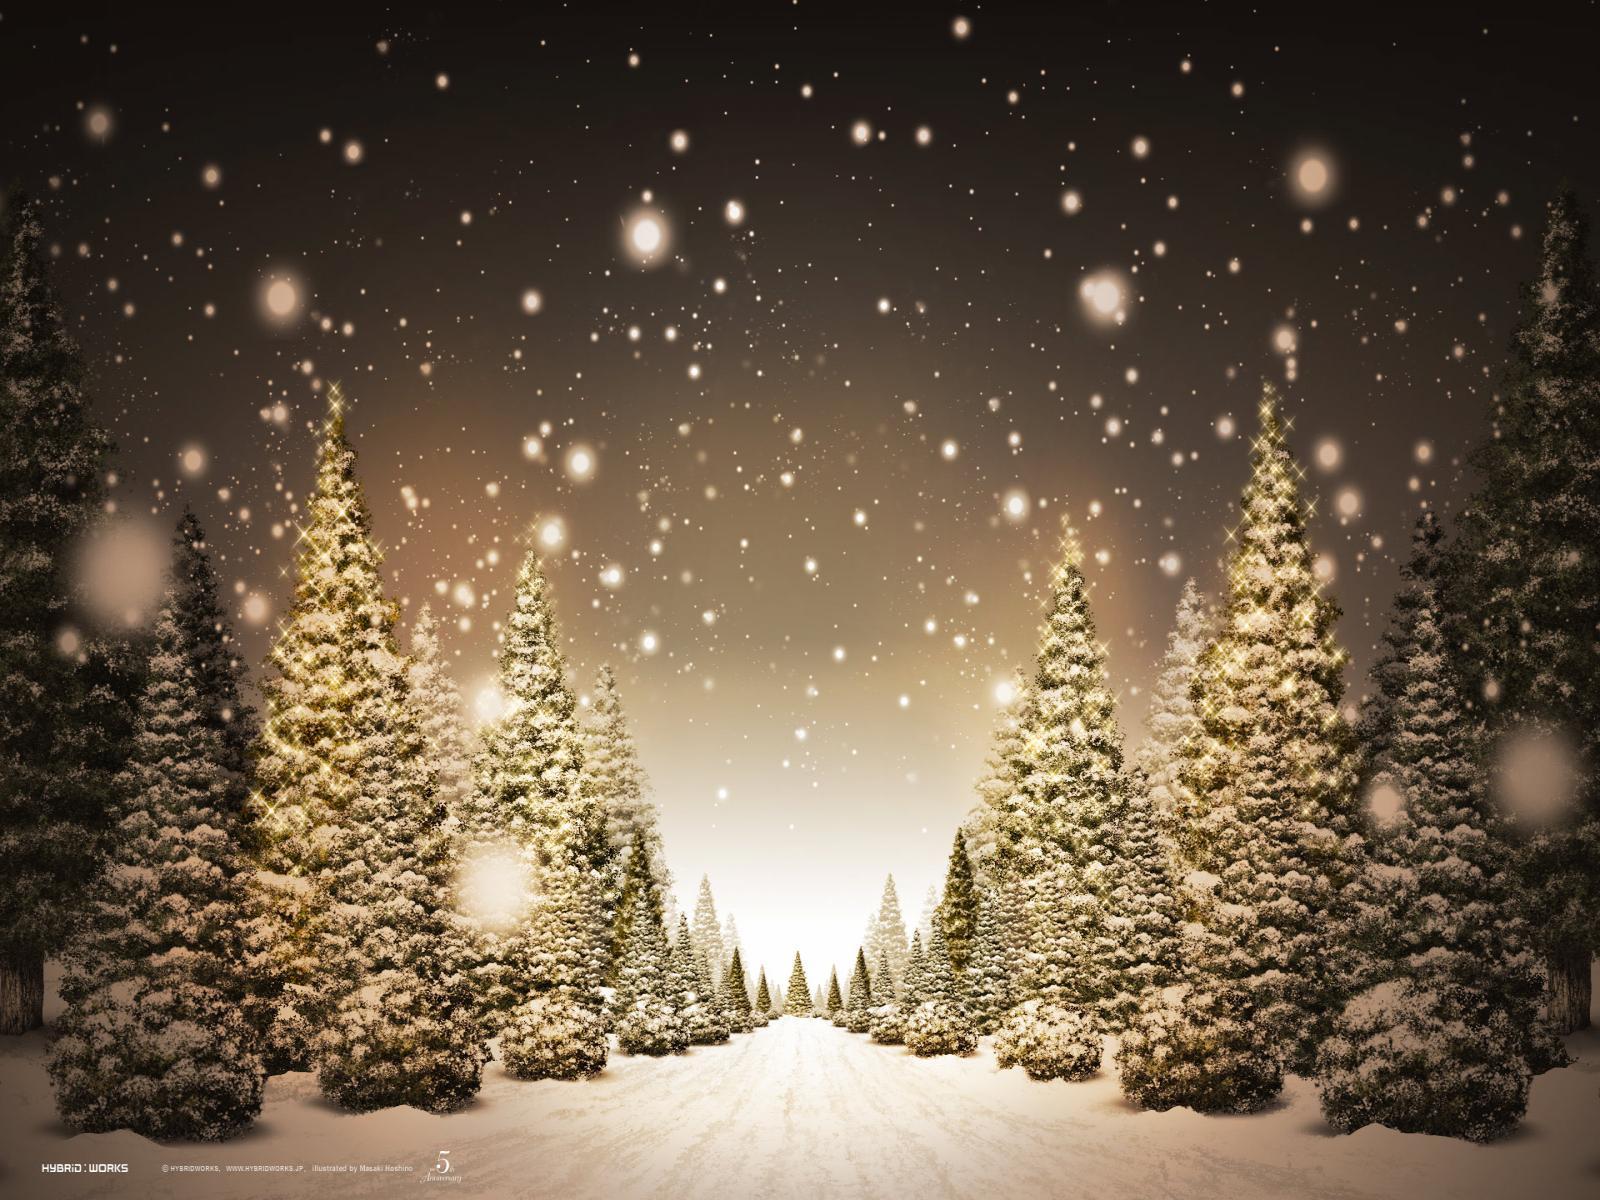 Dibujos Impresionantes De Navidad.Mas De 200 Fotos E Imagenes De Navidad Para Descargar Y